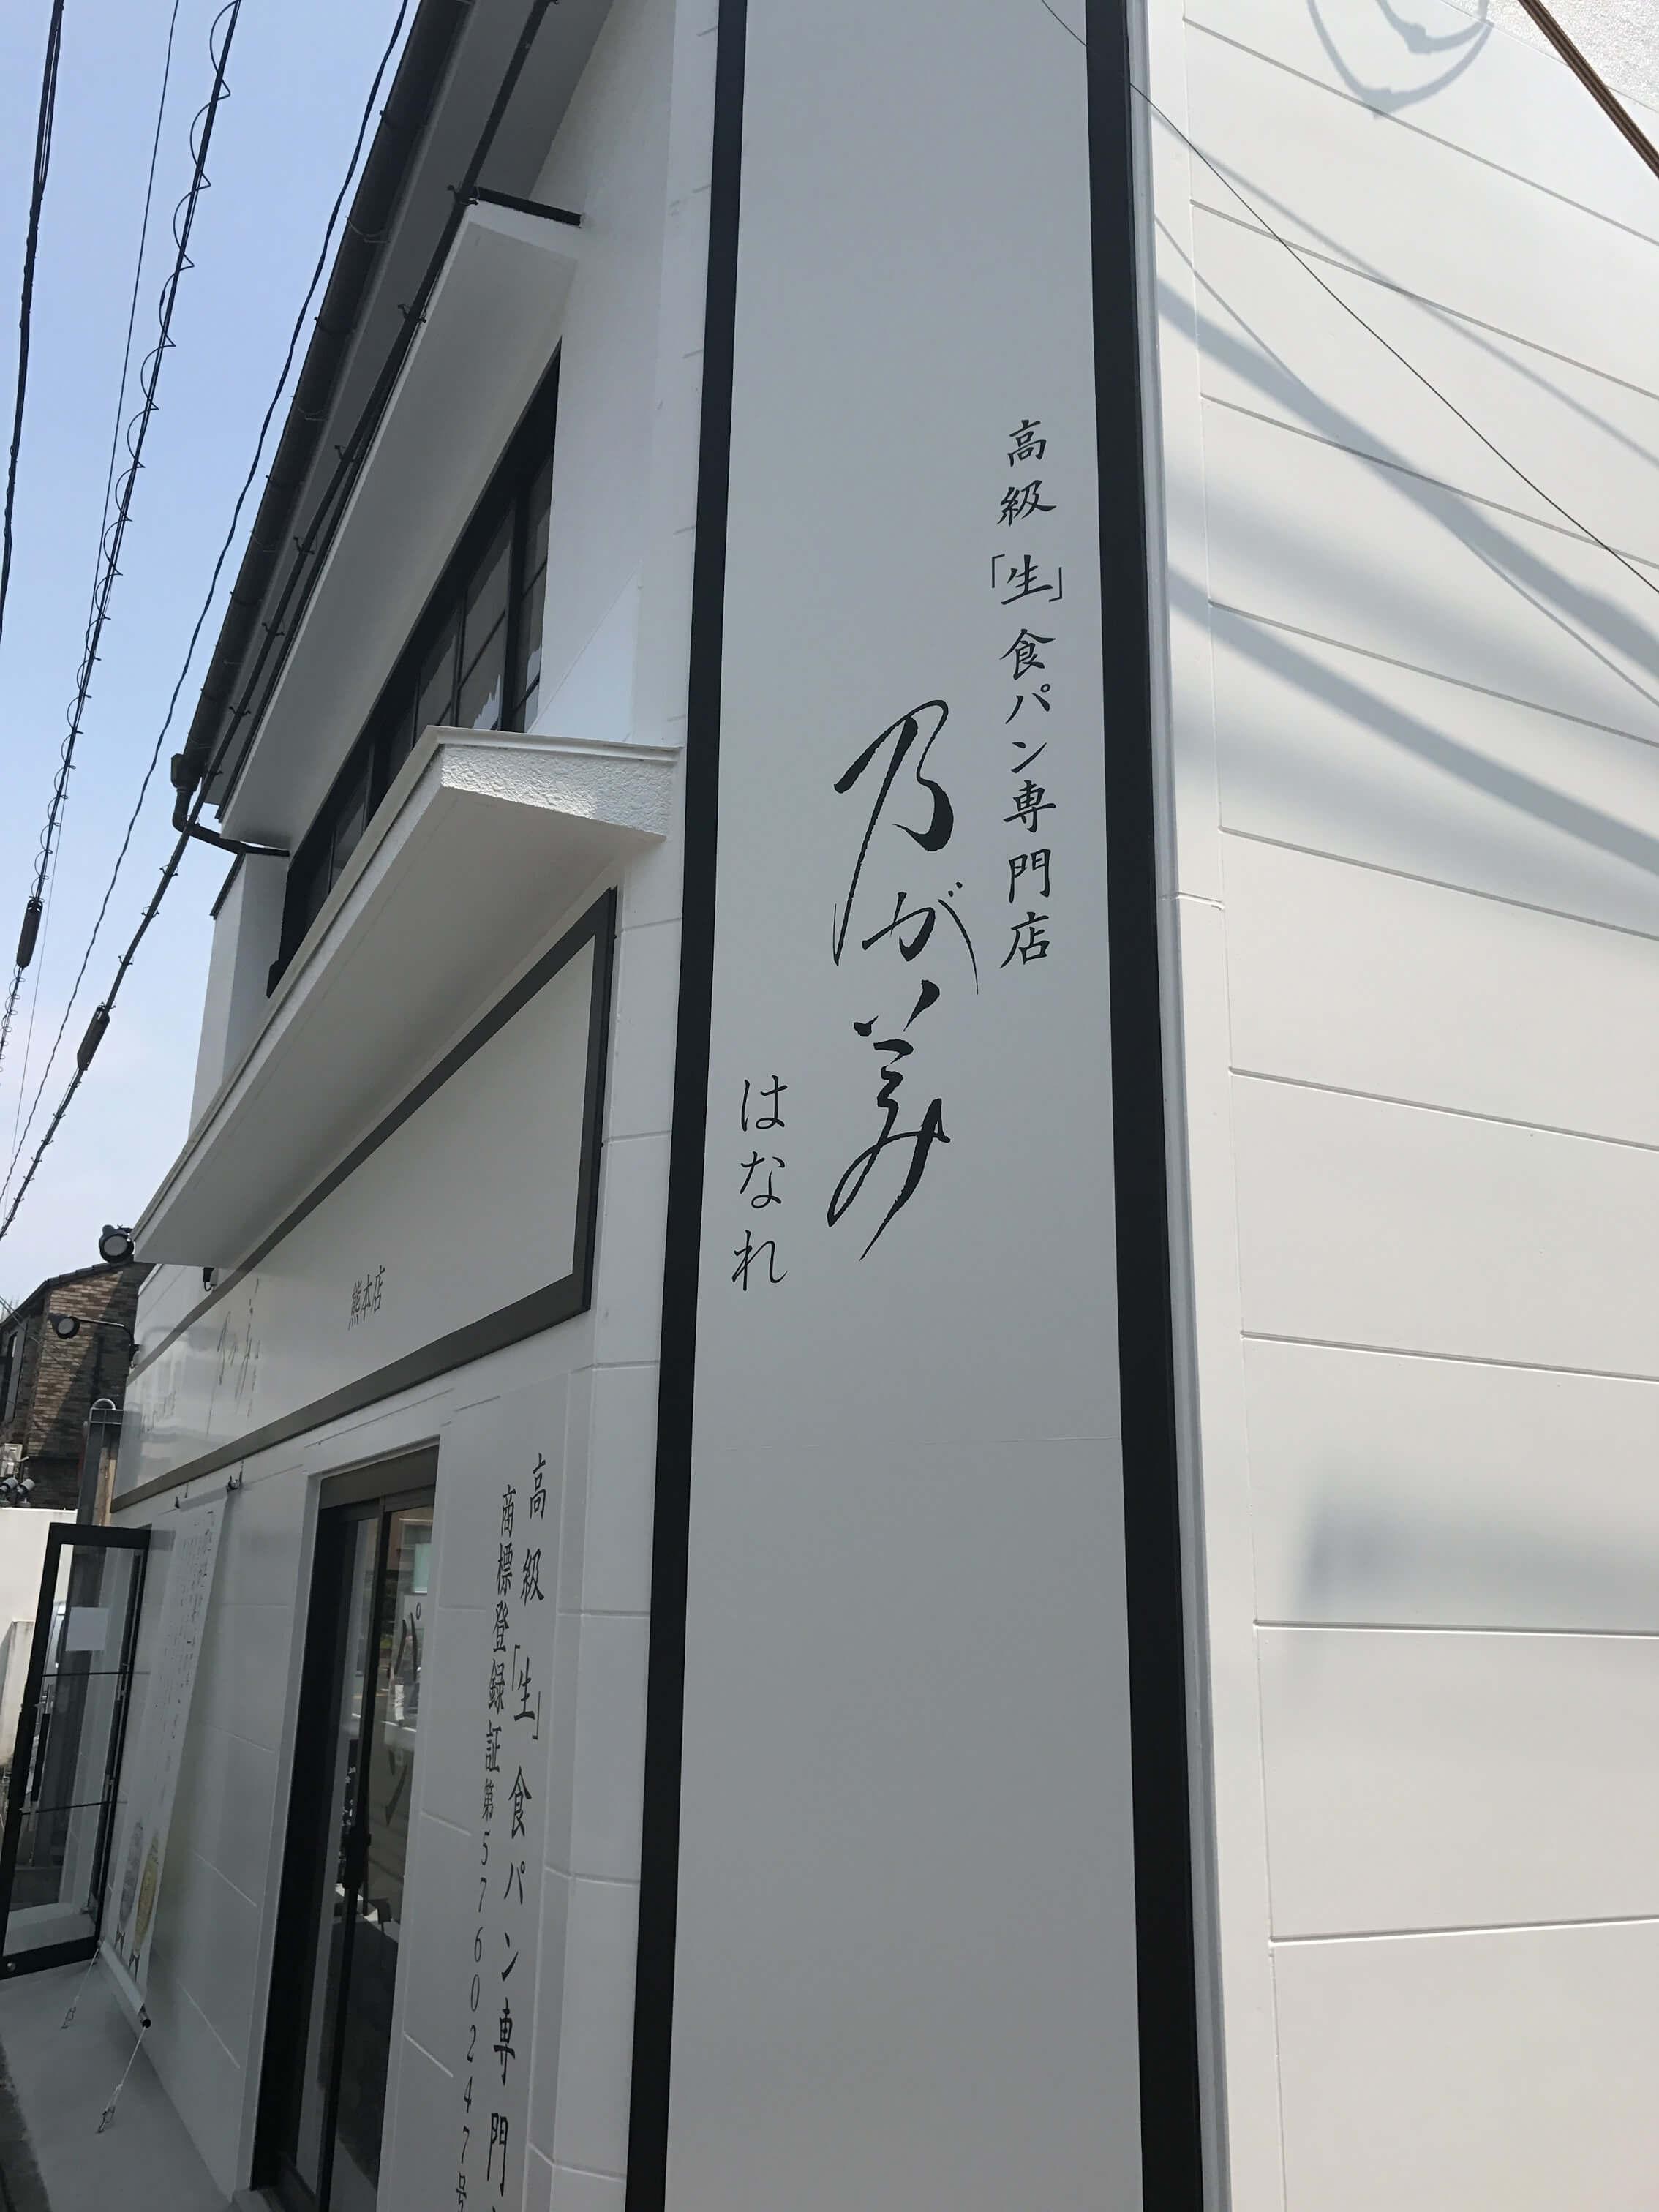 【乃が美(のがみ)熊本】関西の有名高級生食パン専門店が南坪井にオープン。別格の生食パンをぜひ。